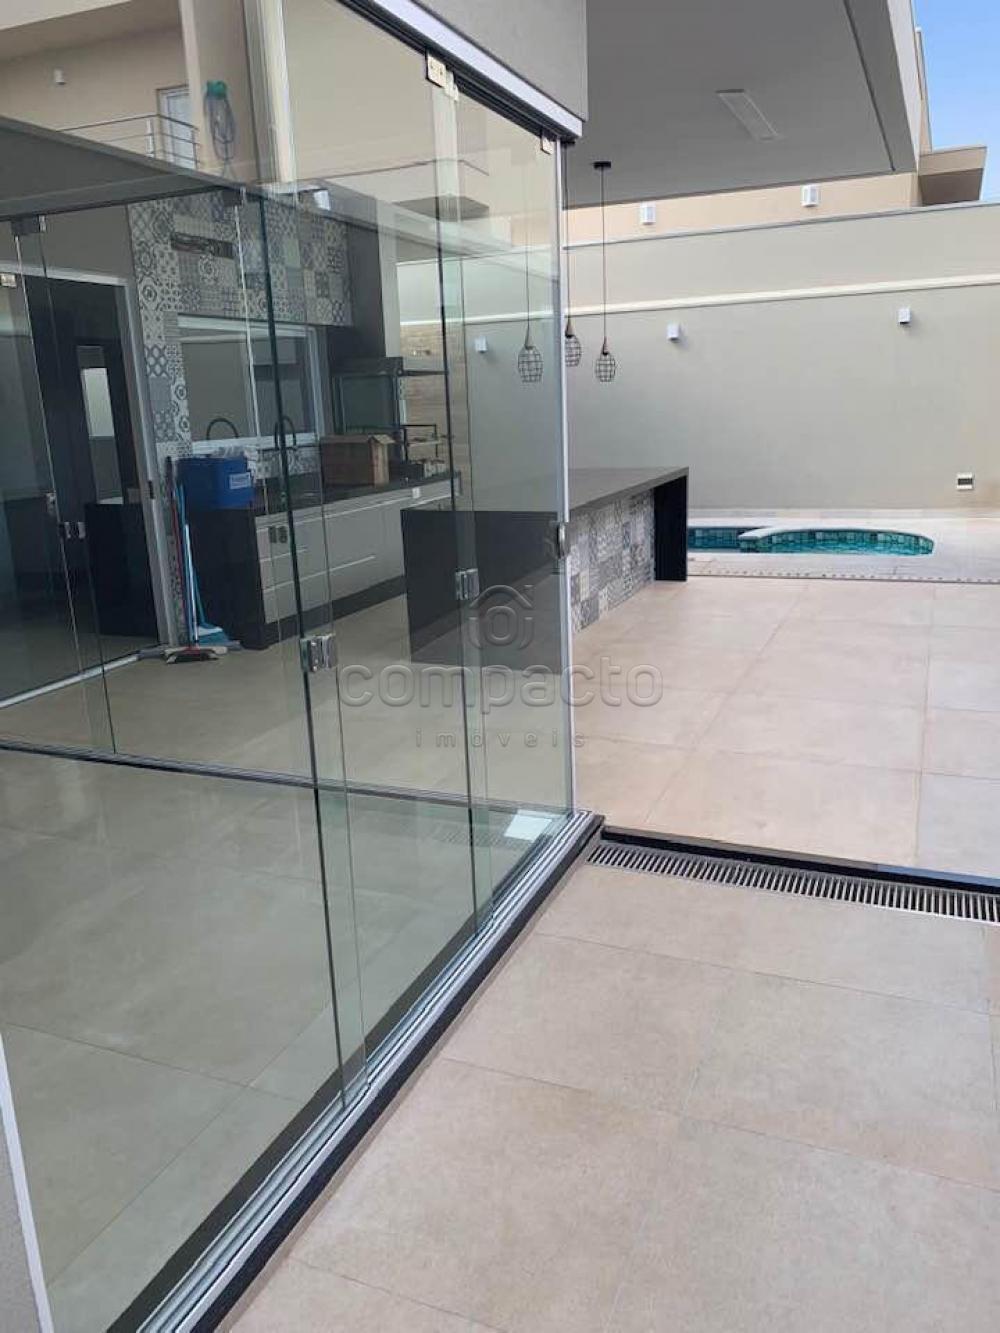 Comprar Casa / Condomínio em São José do Rio Preto apenas R$ 950.000,00 - Foto 26